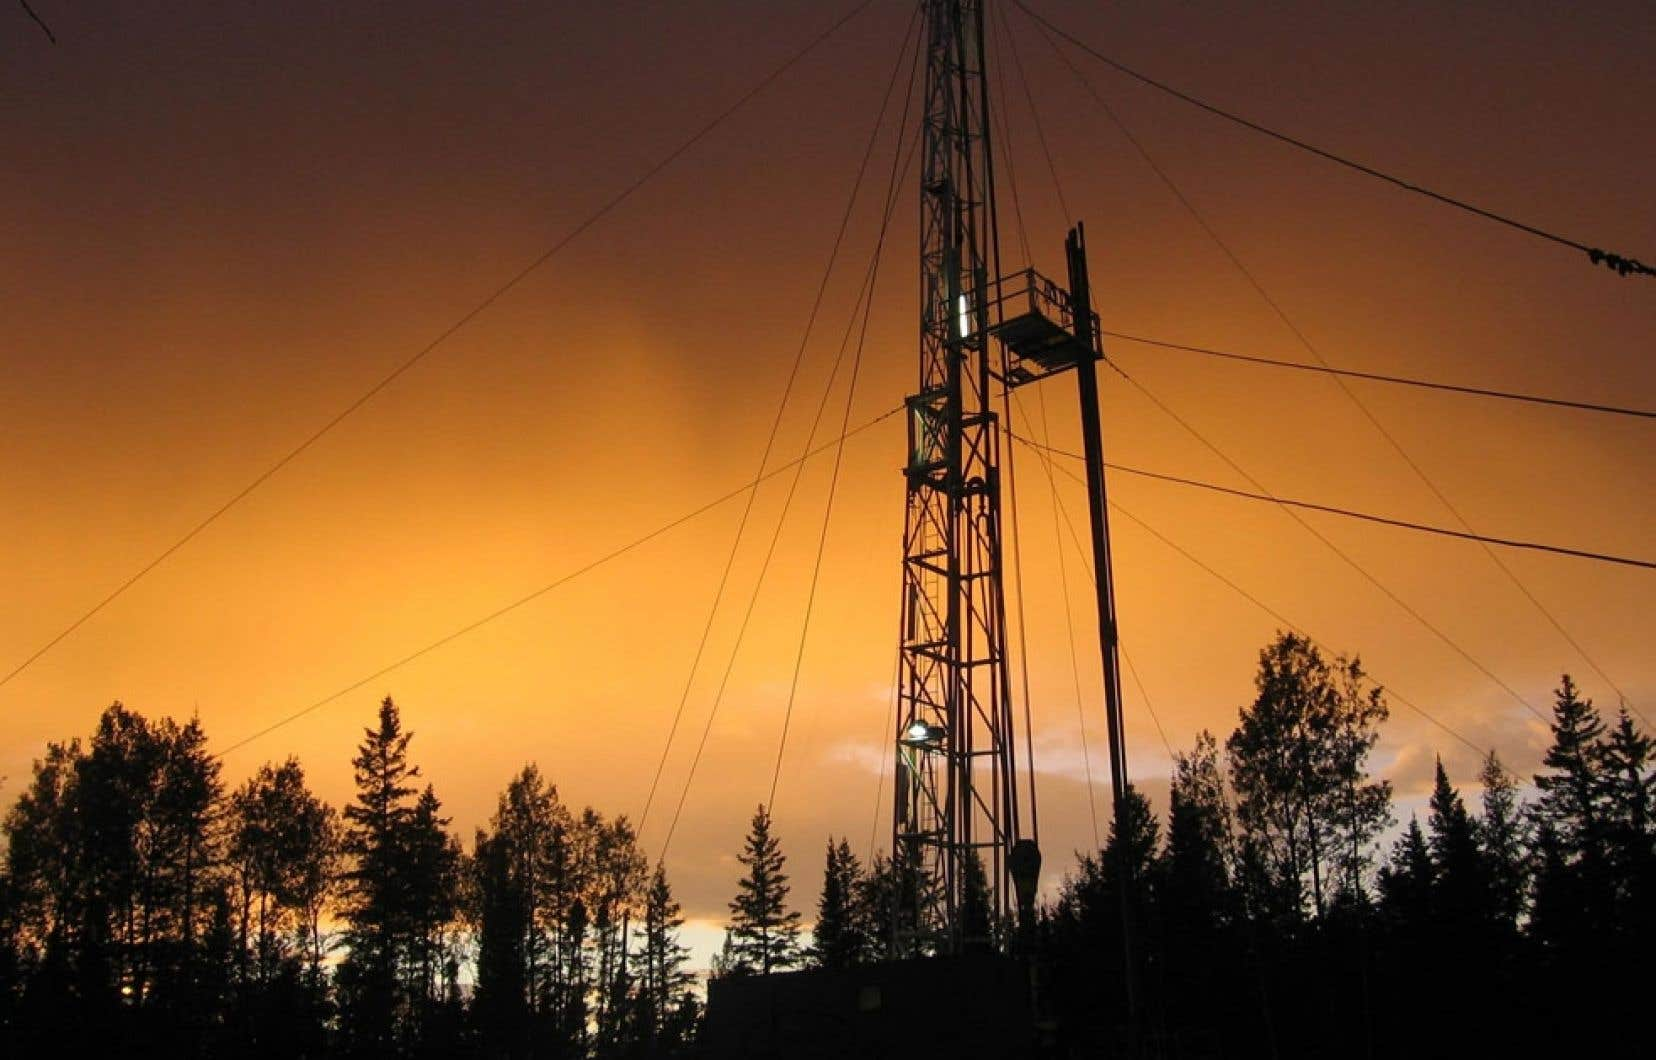 Le comité chargé de mener l'évaluation environnementale stratégique de l'industrie du gaz de schiste poursuit présentement ses travaux.